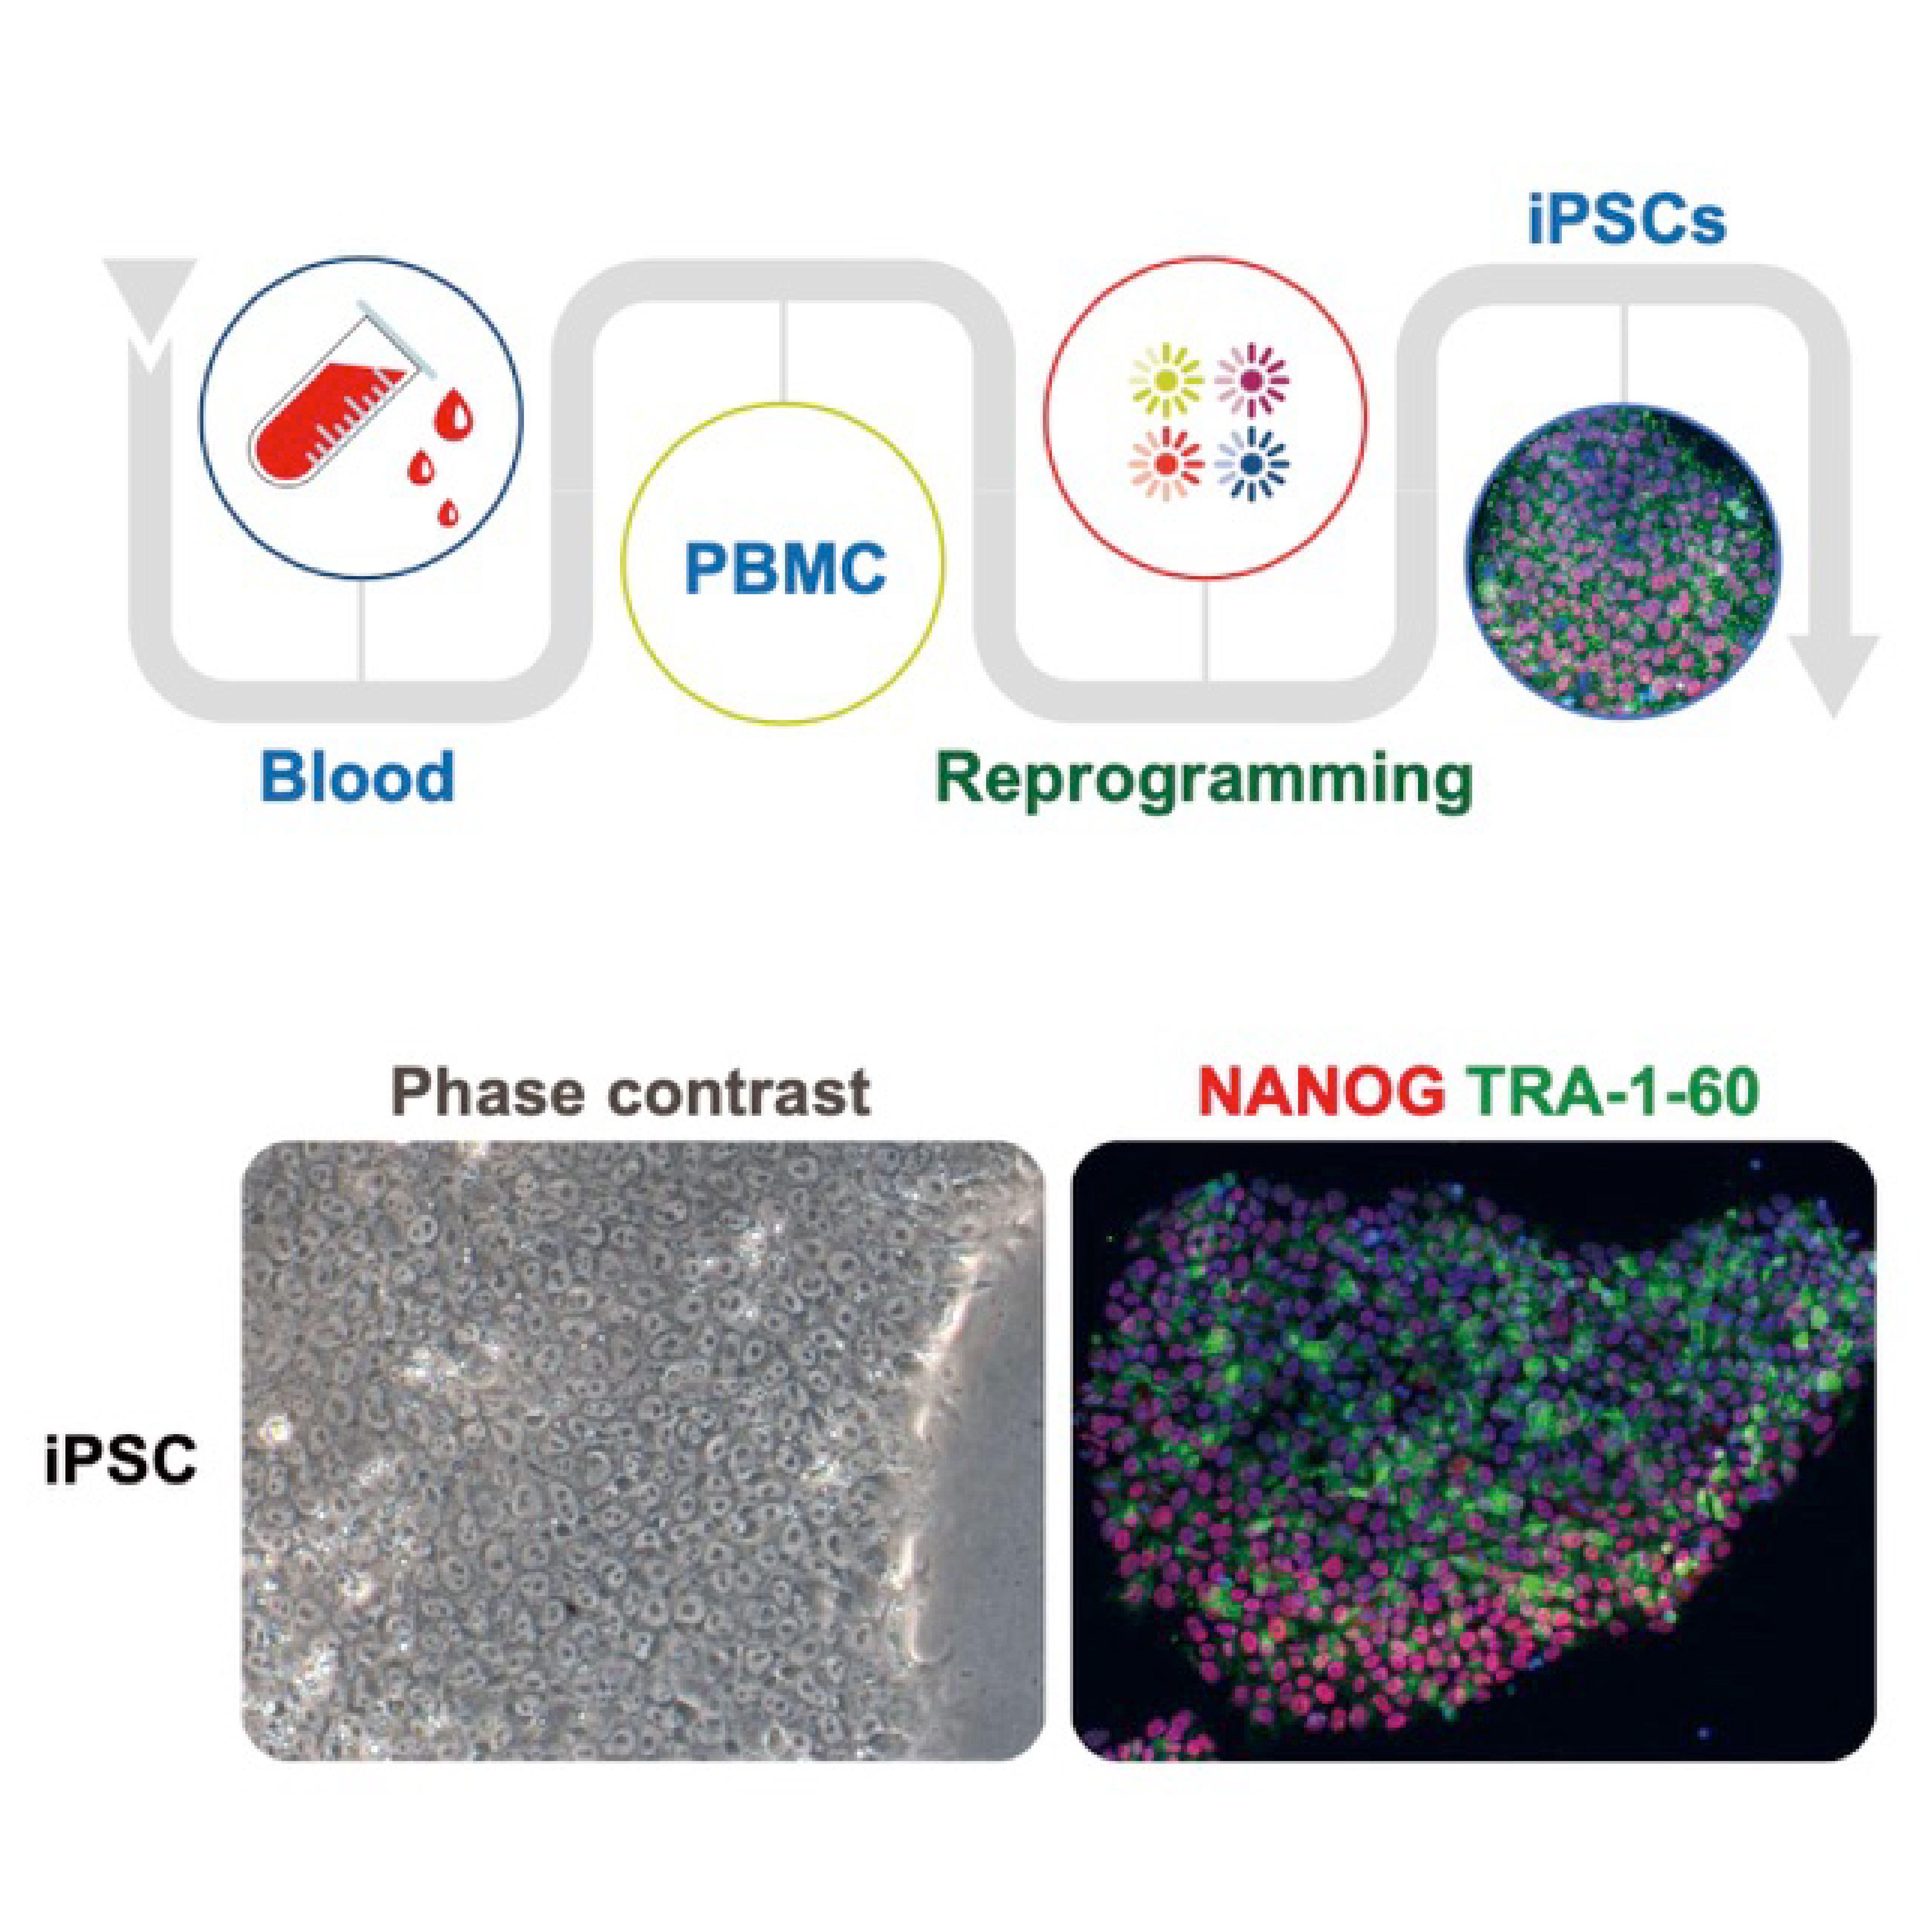 人体细胞iPSC仙台病毒重编程服务